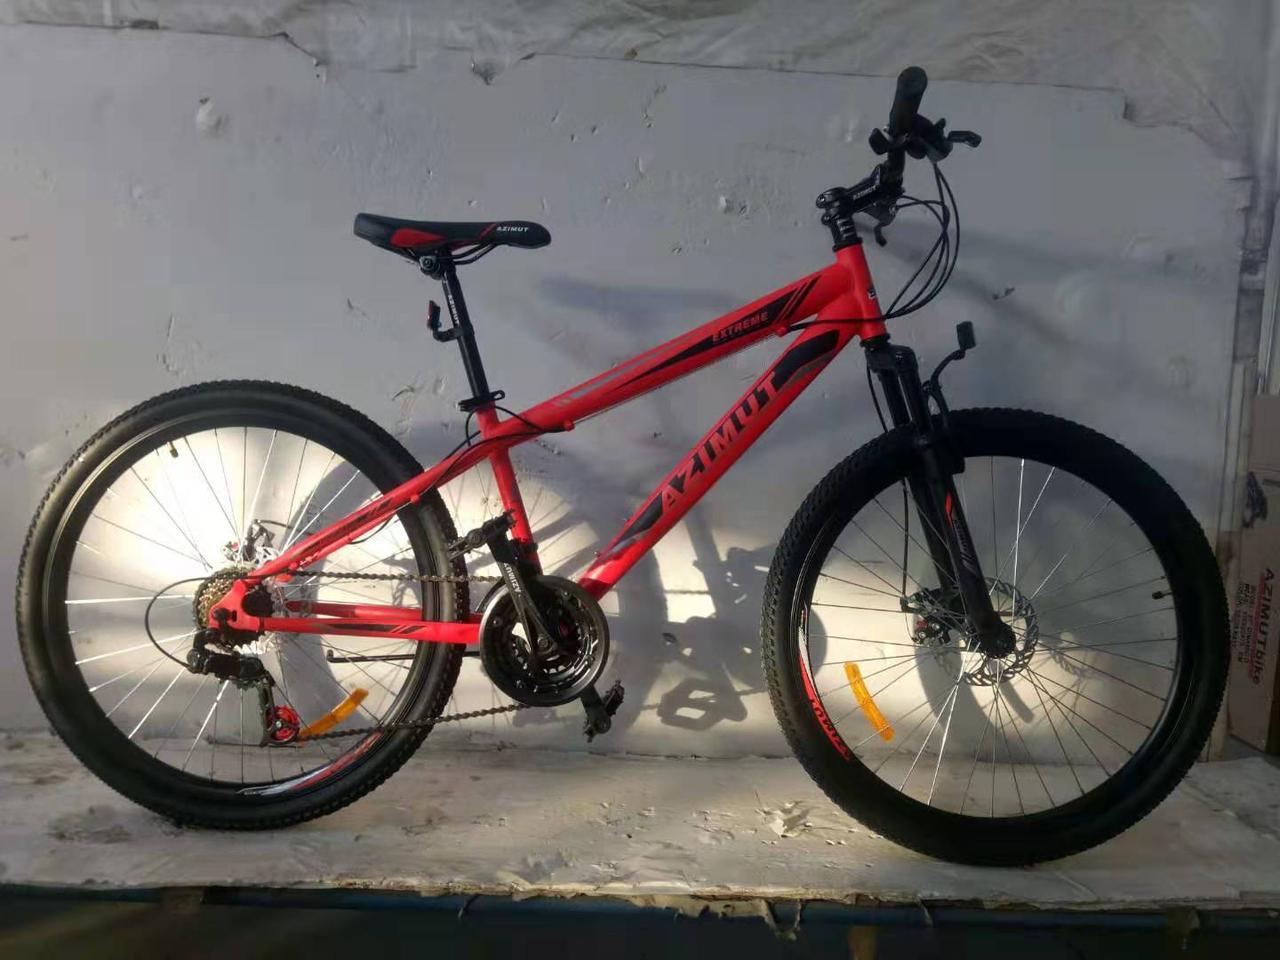 Гірський підлітковий велосипед Extreme 24 дюйма 13 рама FRD Азимут